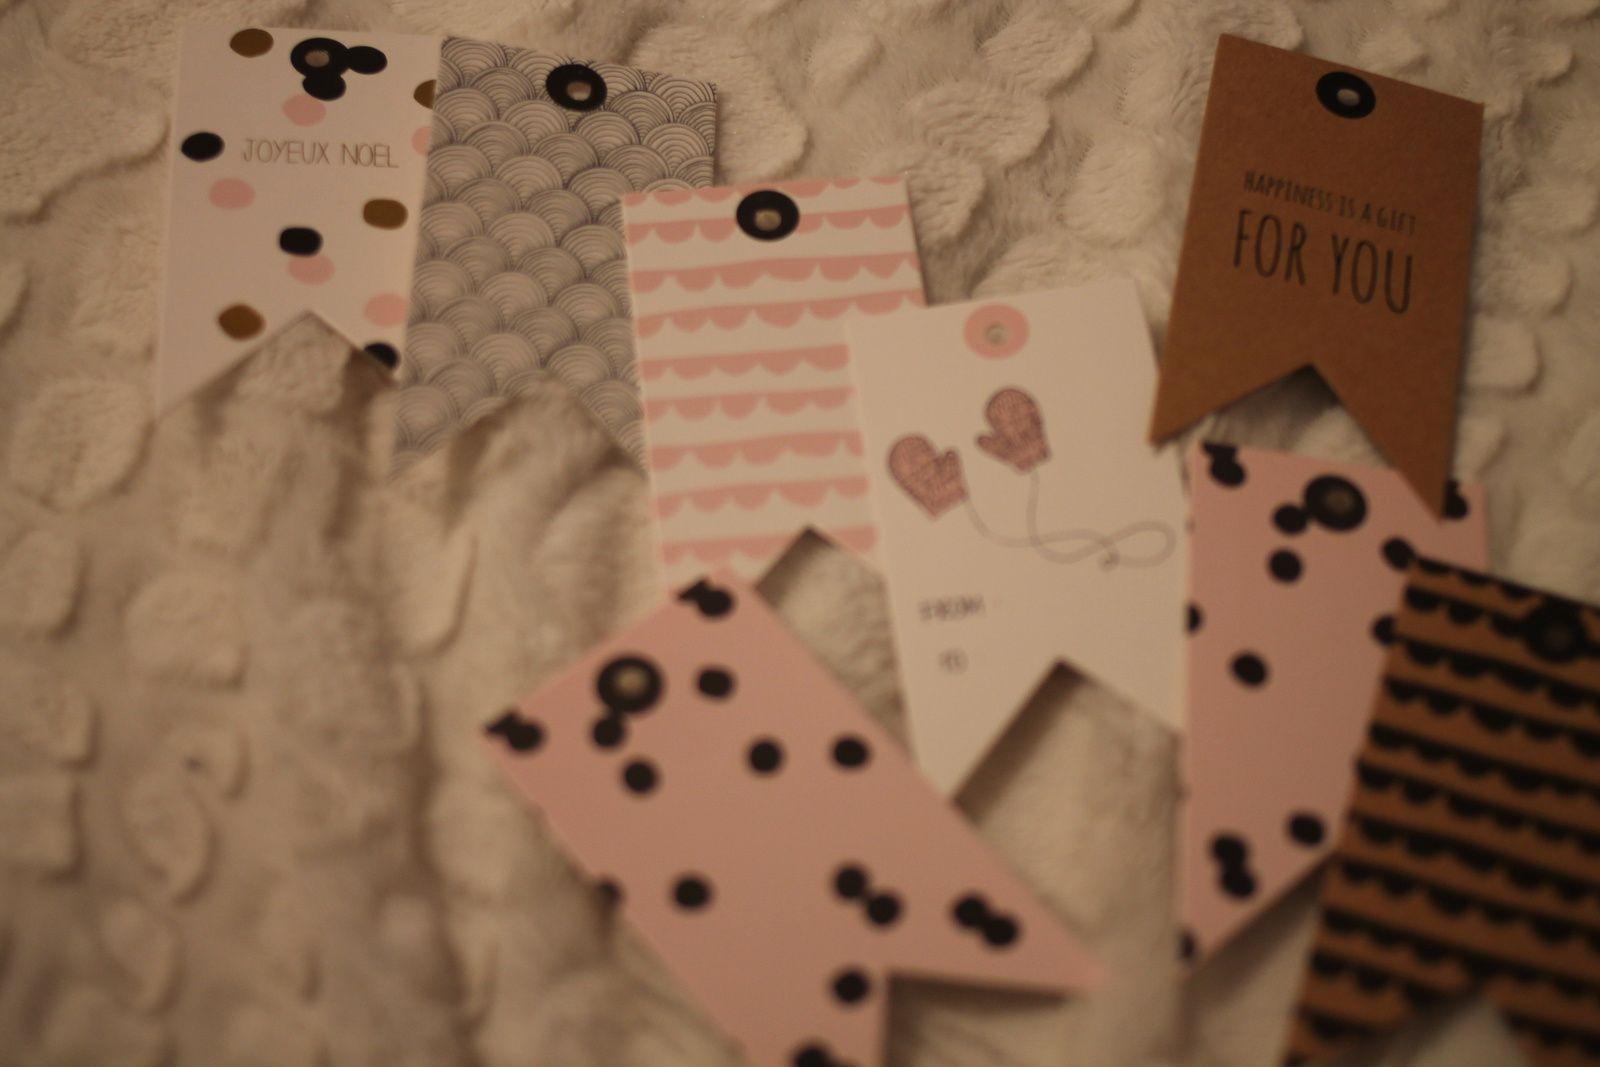 De jolies étiquettes pour rendre les paquets encore plus beaux! <3 Pour moi perso, elles ont finies en jolies guirlandes au- dessus de mon bureau (cf. mon Instagram) =)